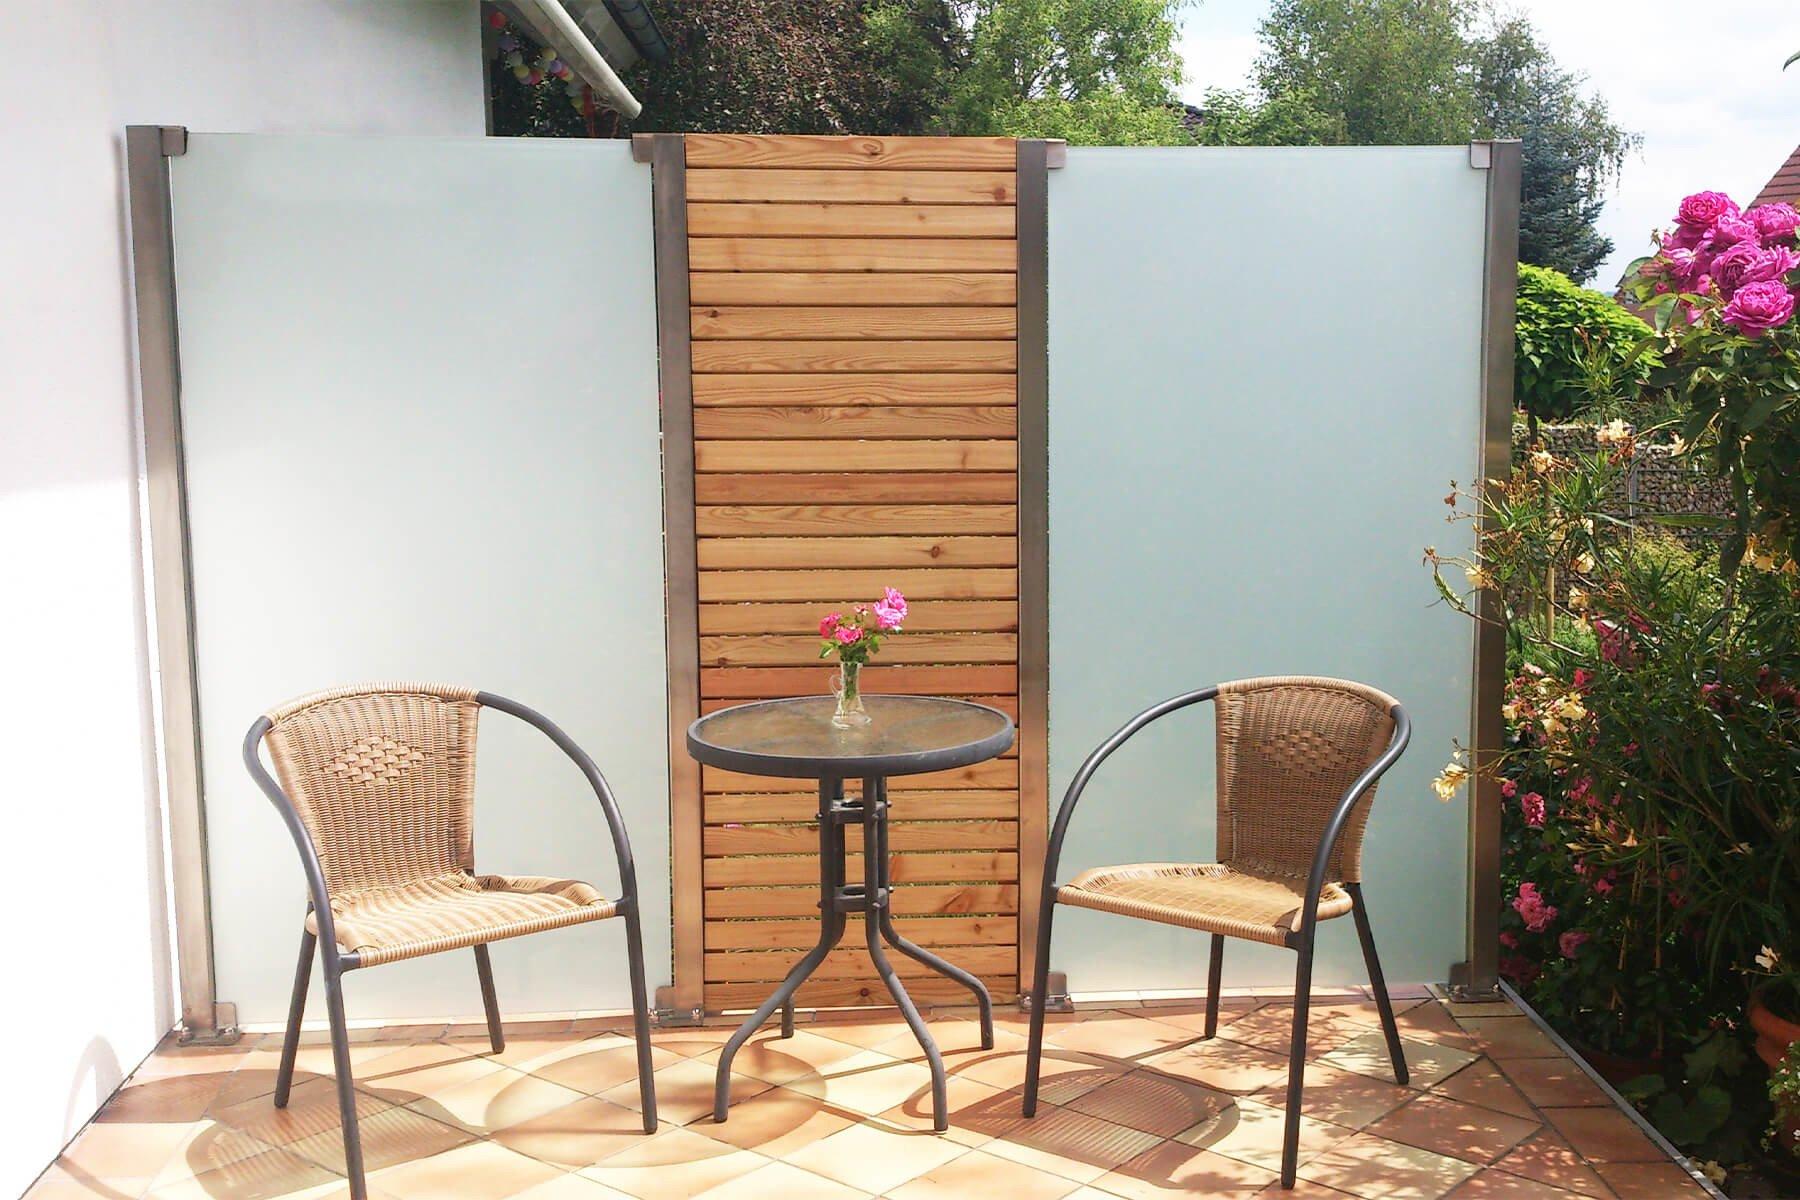 Glaszaunsystem kombiniert mit Holzzaun Individuelles Design und Einsatz für Garten und Terrasse